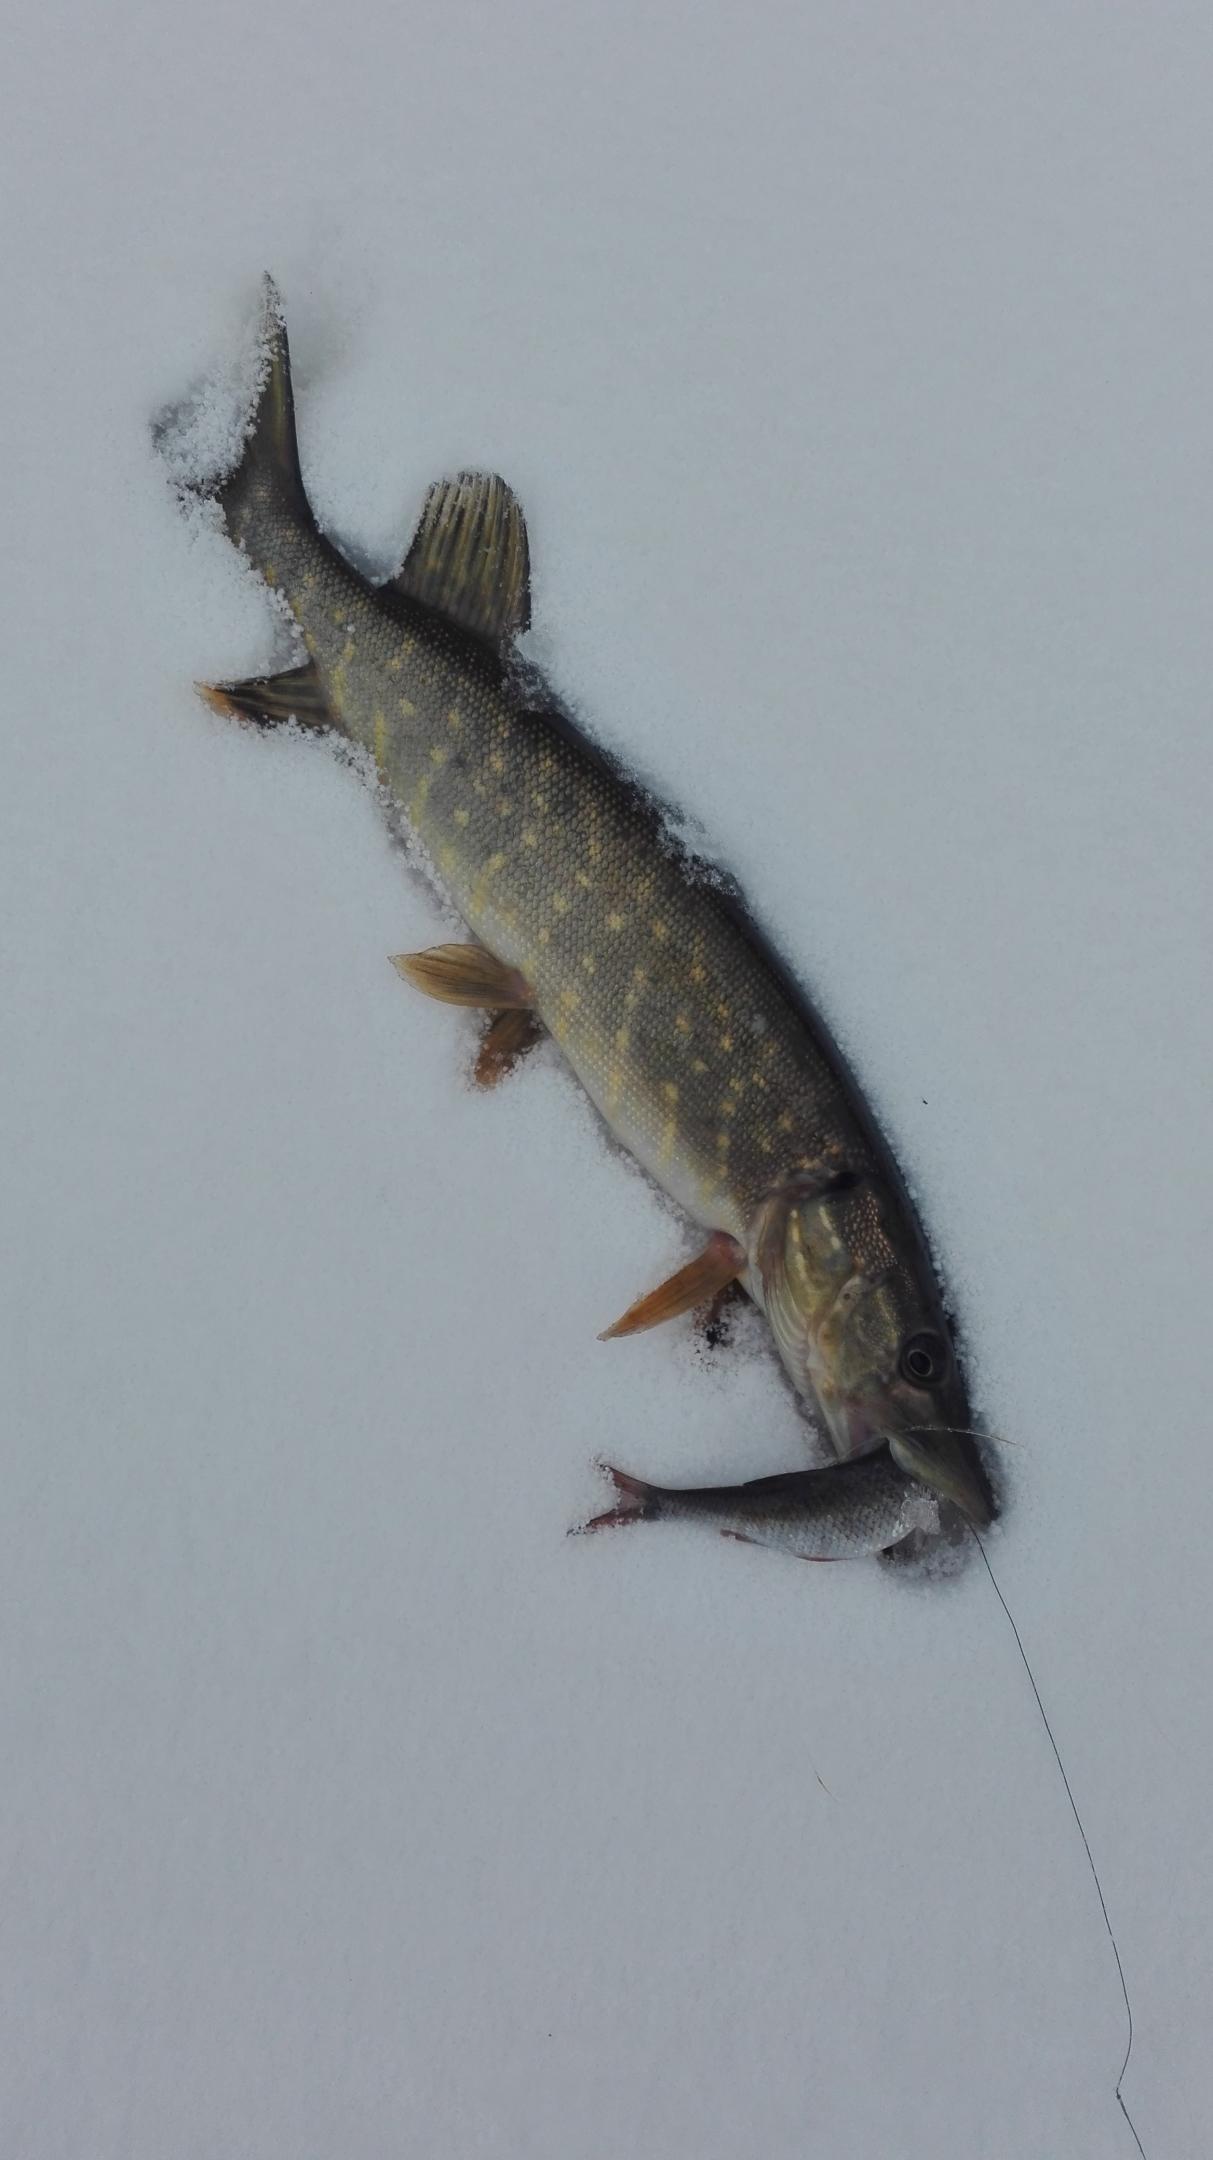 Так мечтал , шоб Мухавец замерз весь. Ну ... | Отчеты о рыбалке в Беларуси